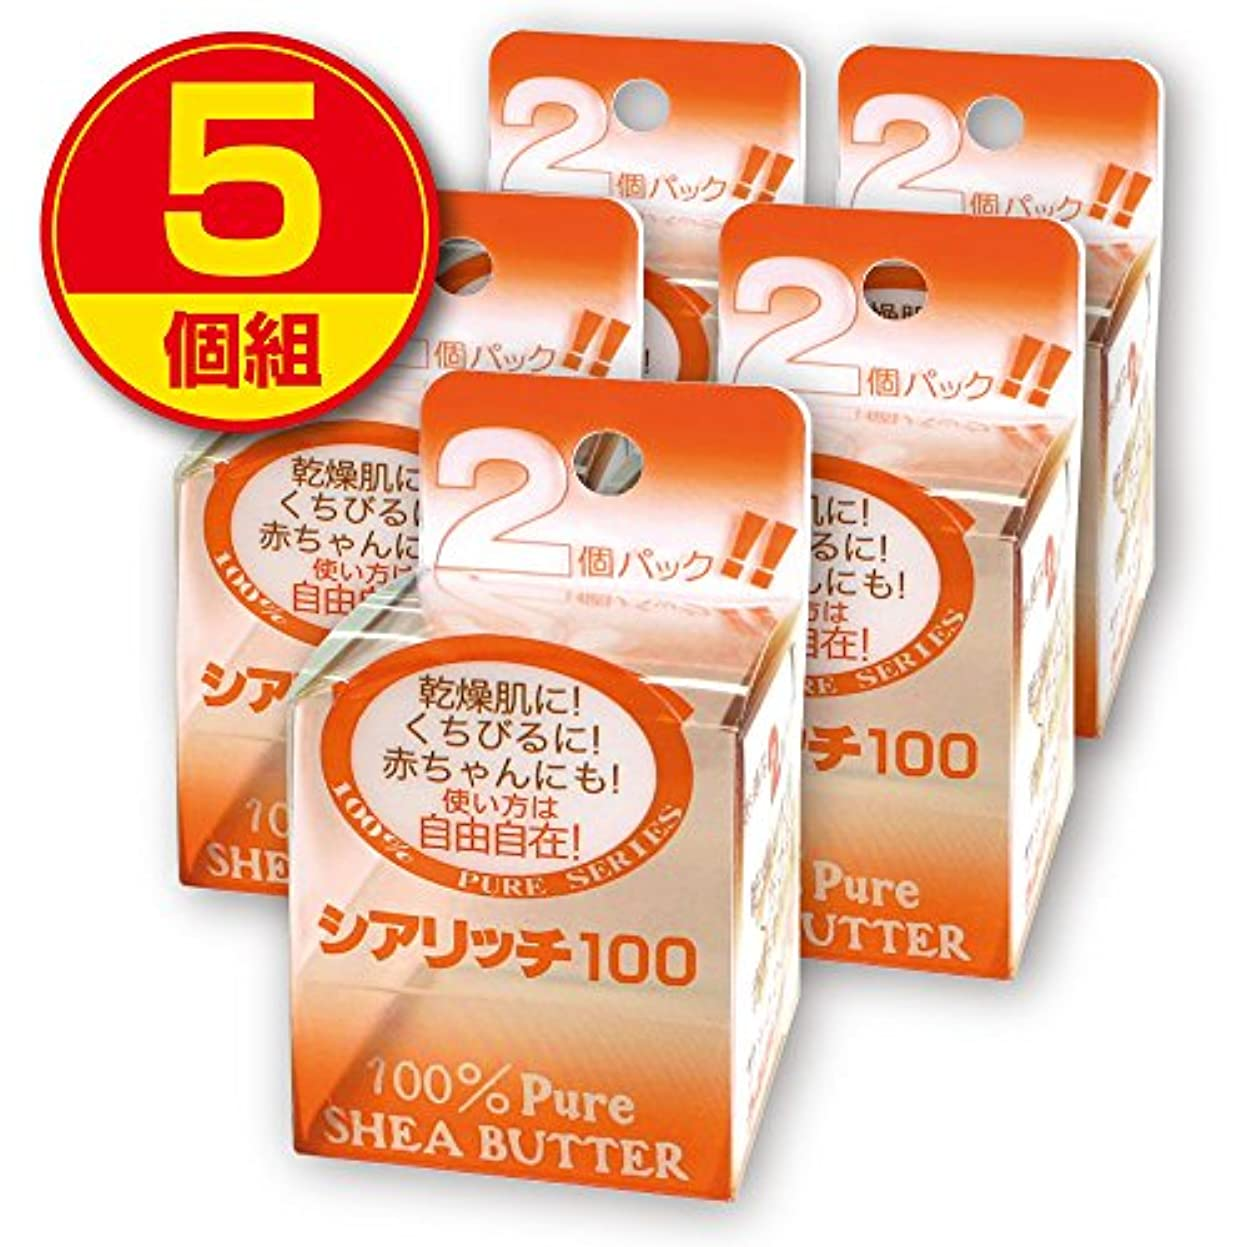 文化モジュール炭水化物日本天然物研究所 シアリッチ100 (8g×2個入り)【5個組】(無添加100%シアバター)無香料